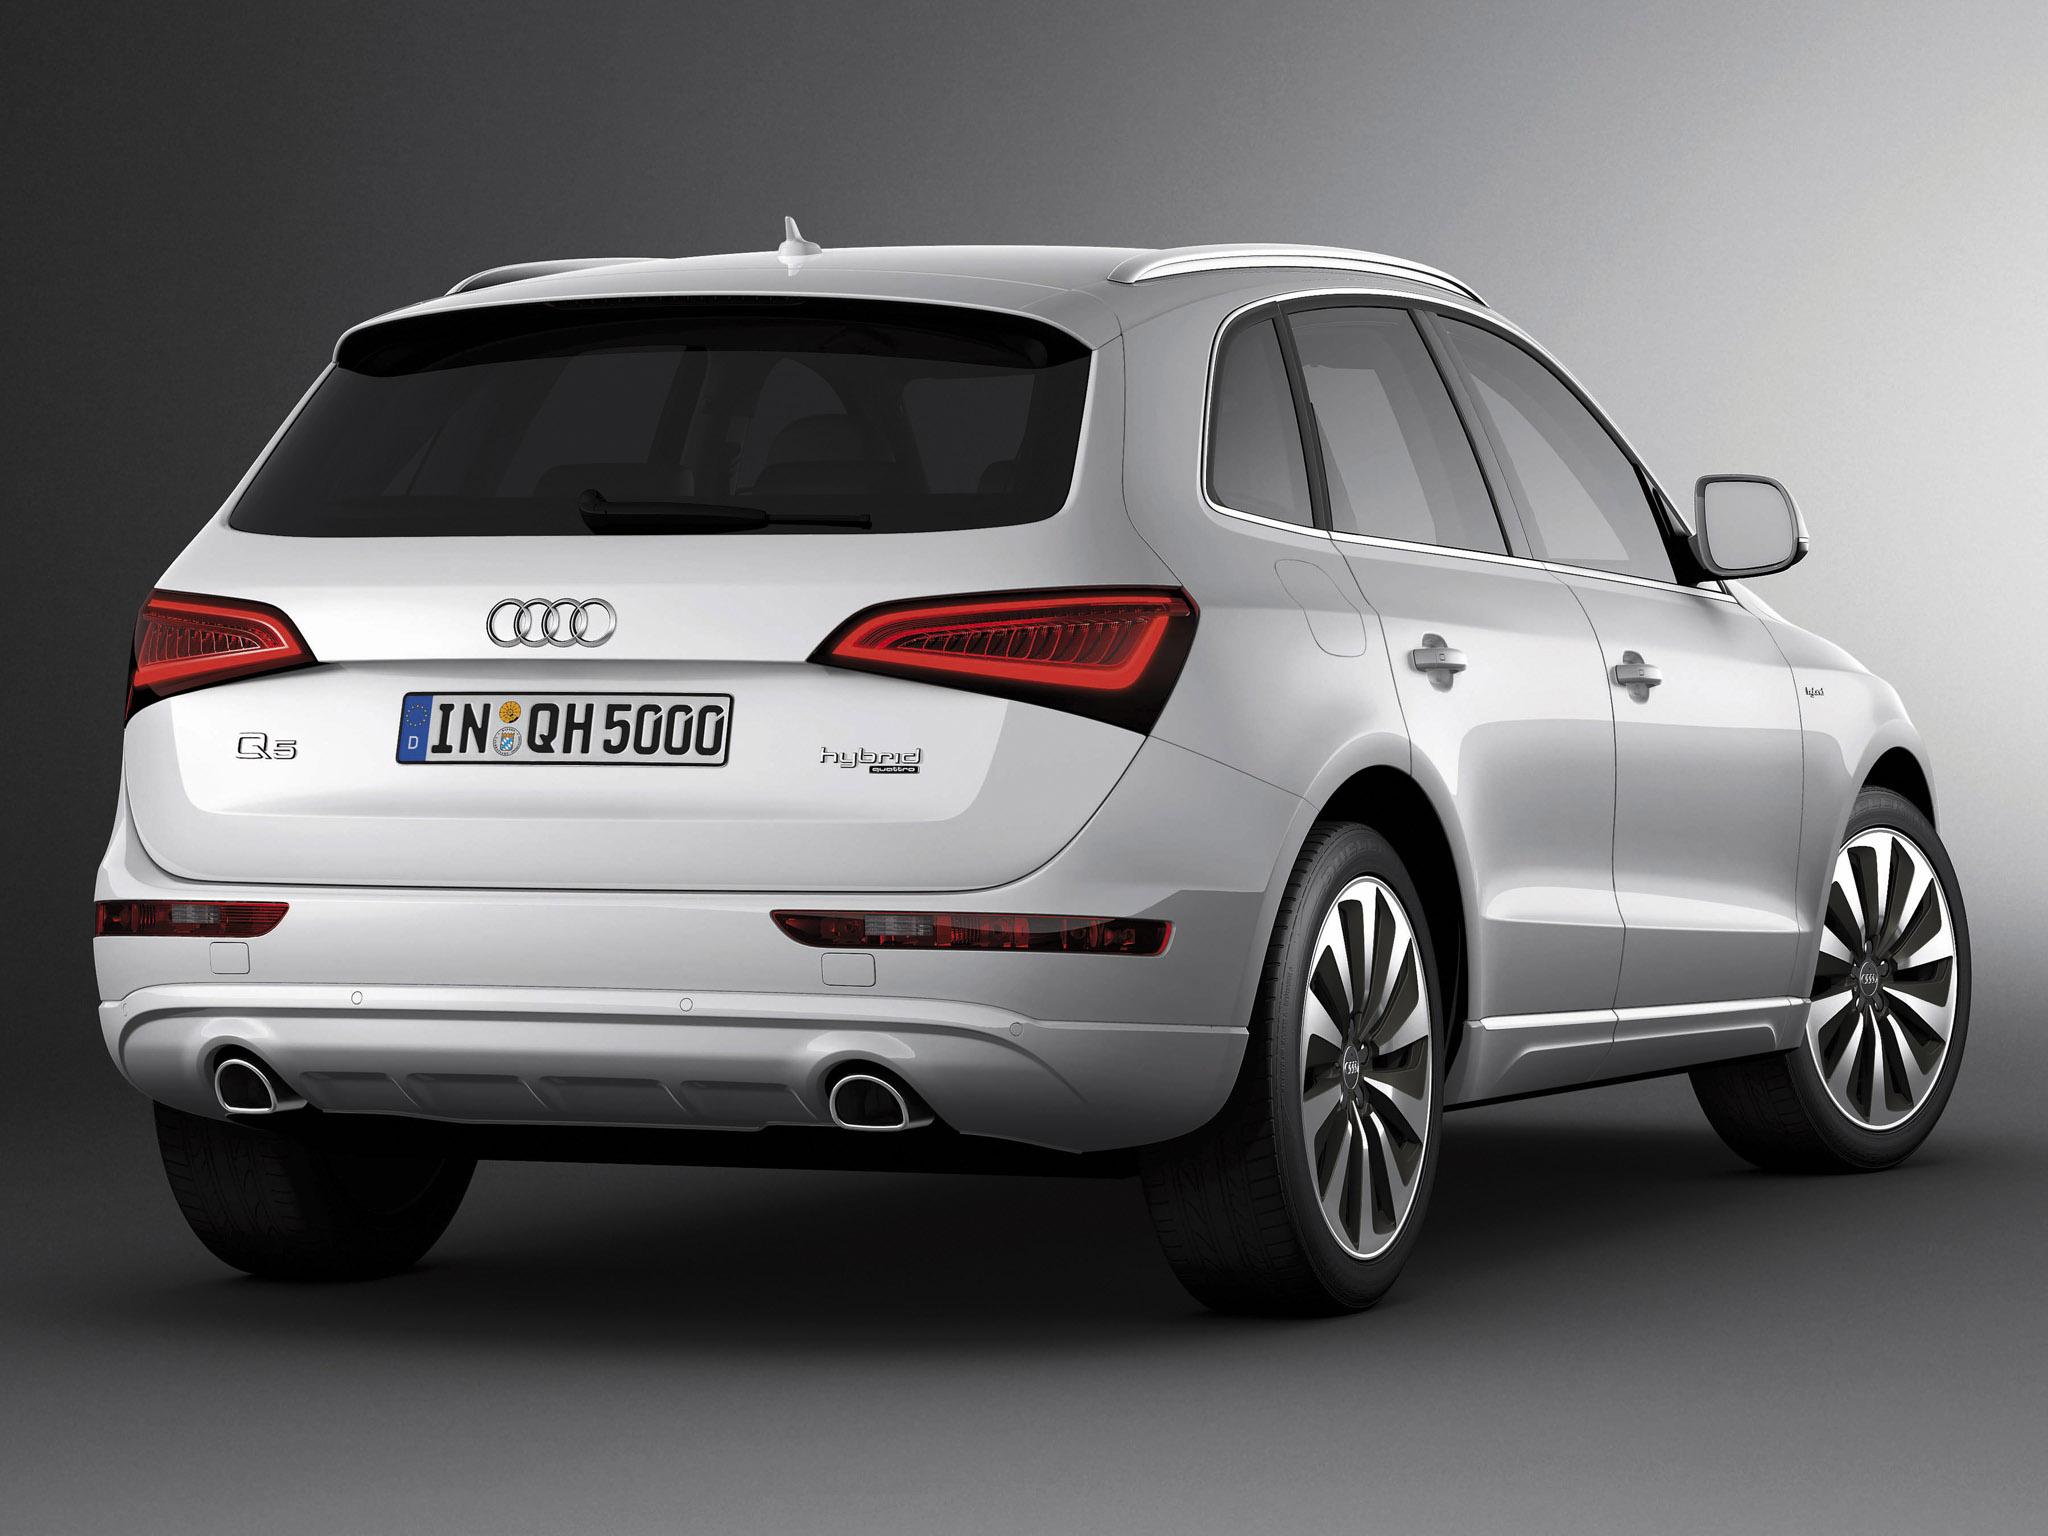 Audi Q Hybrid Quattro Car Pictures - Audi q5 hybrid